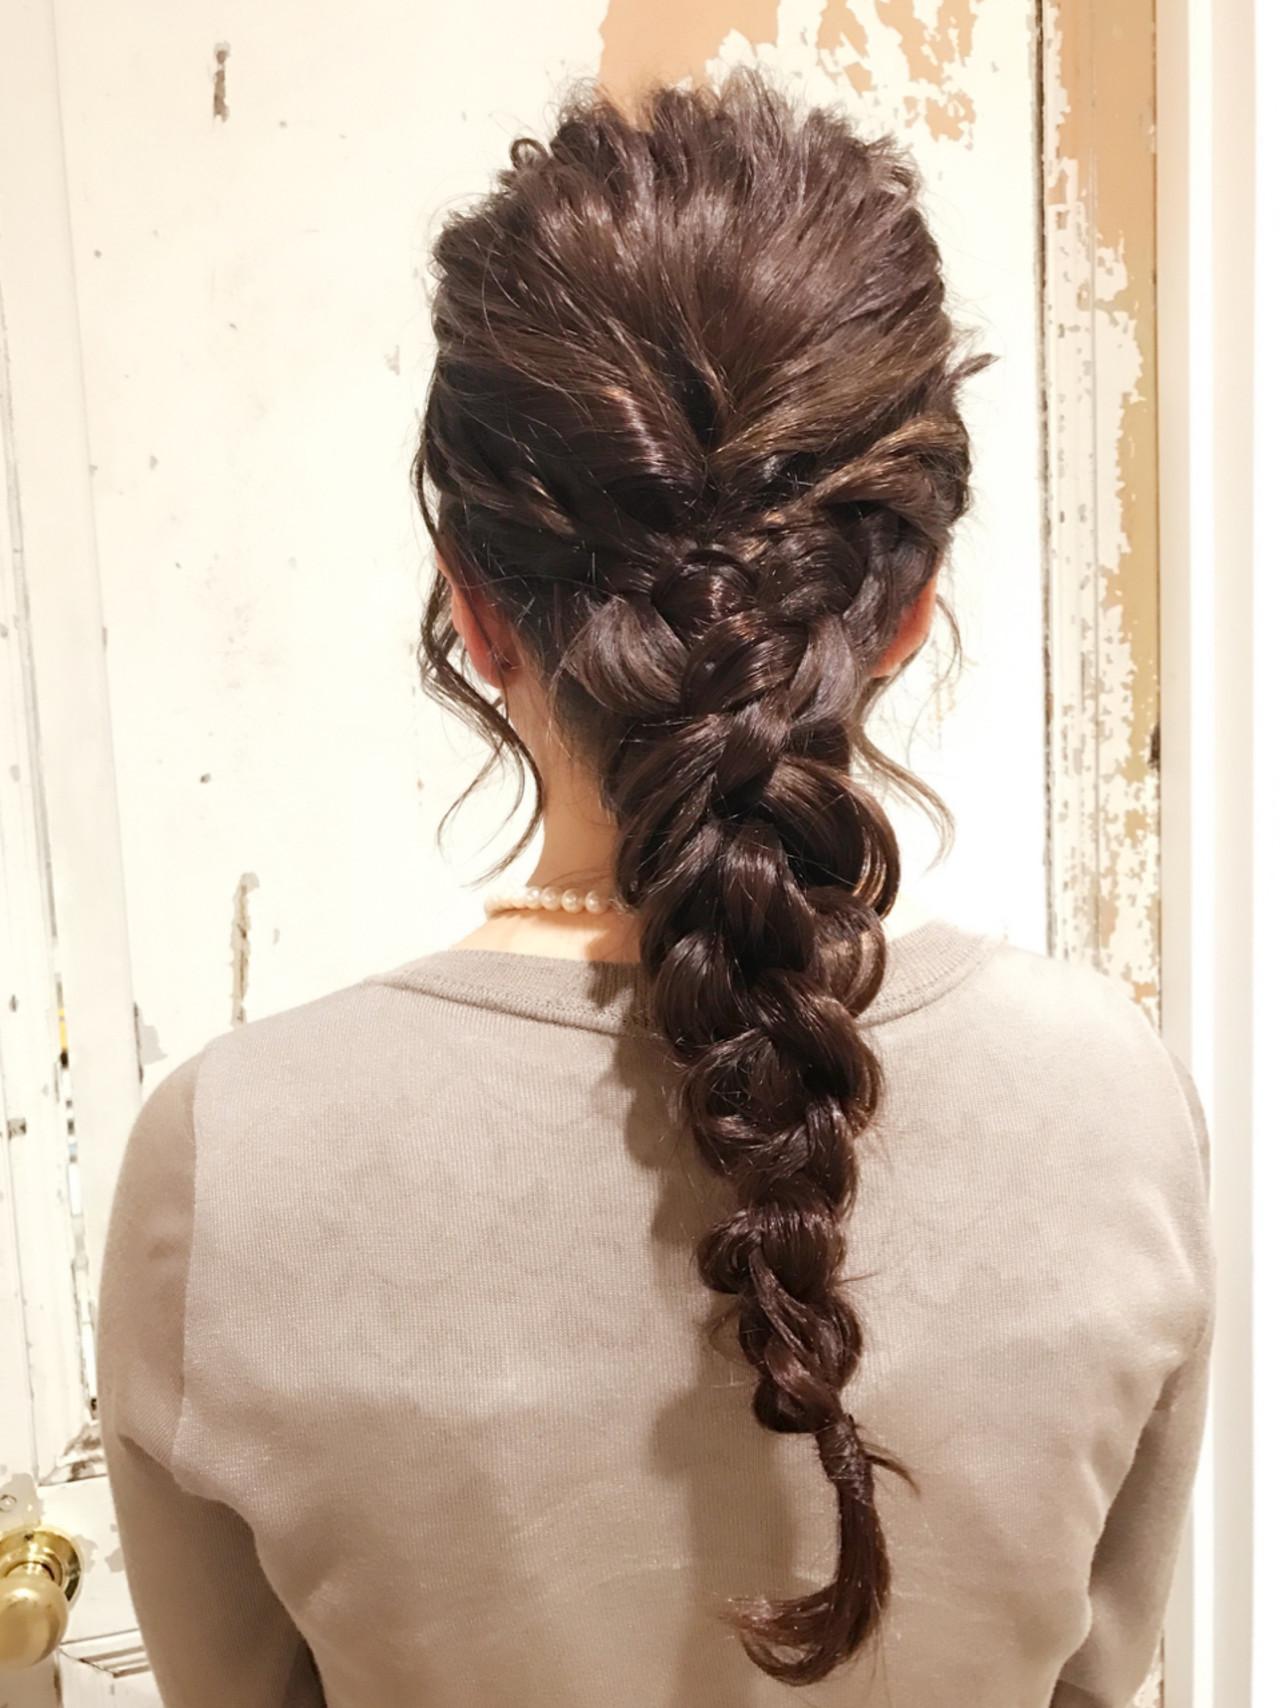 女子会 ヘアアレンジ 大人女子 ナチュラル ヘアスタイルや髪型の写真・画像 | KAE / NORA HAIR SALON